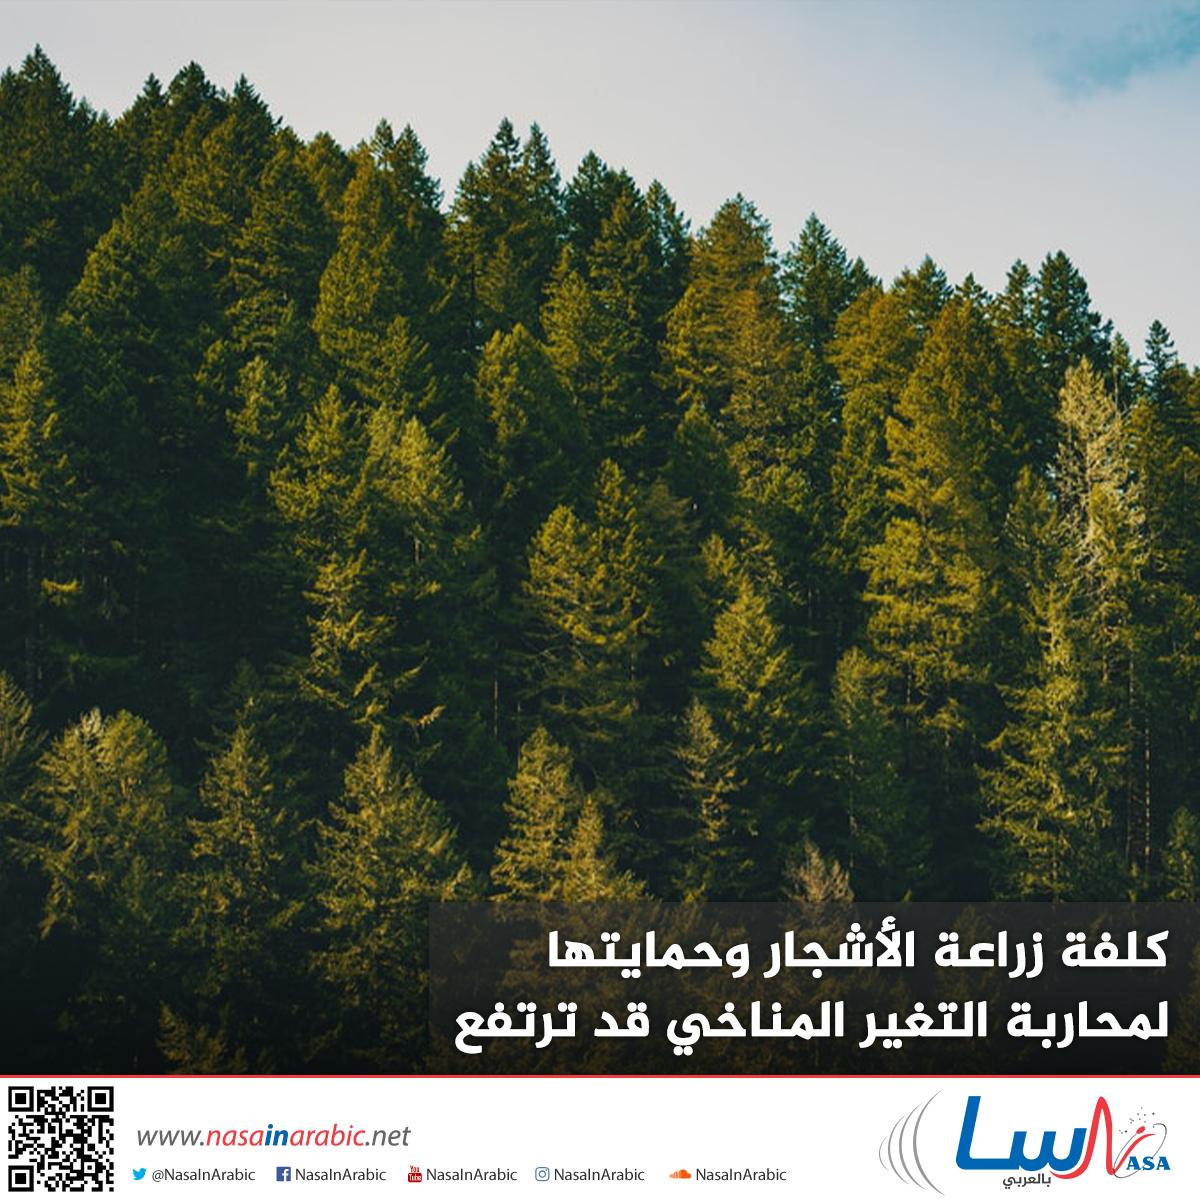 كلفة زراعة الأشجار وحمايتها لمحاربة التغير المناخي قد ترتفع